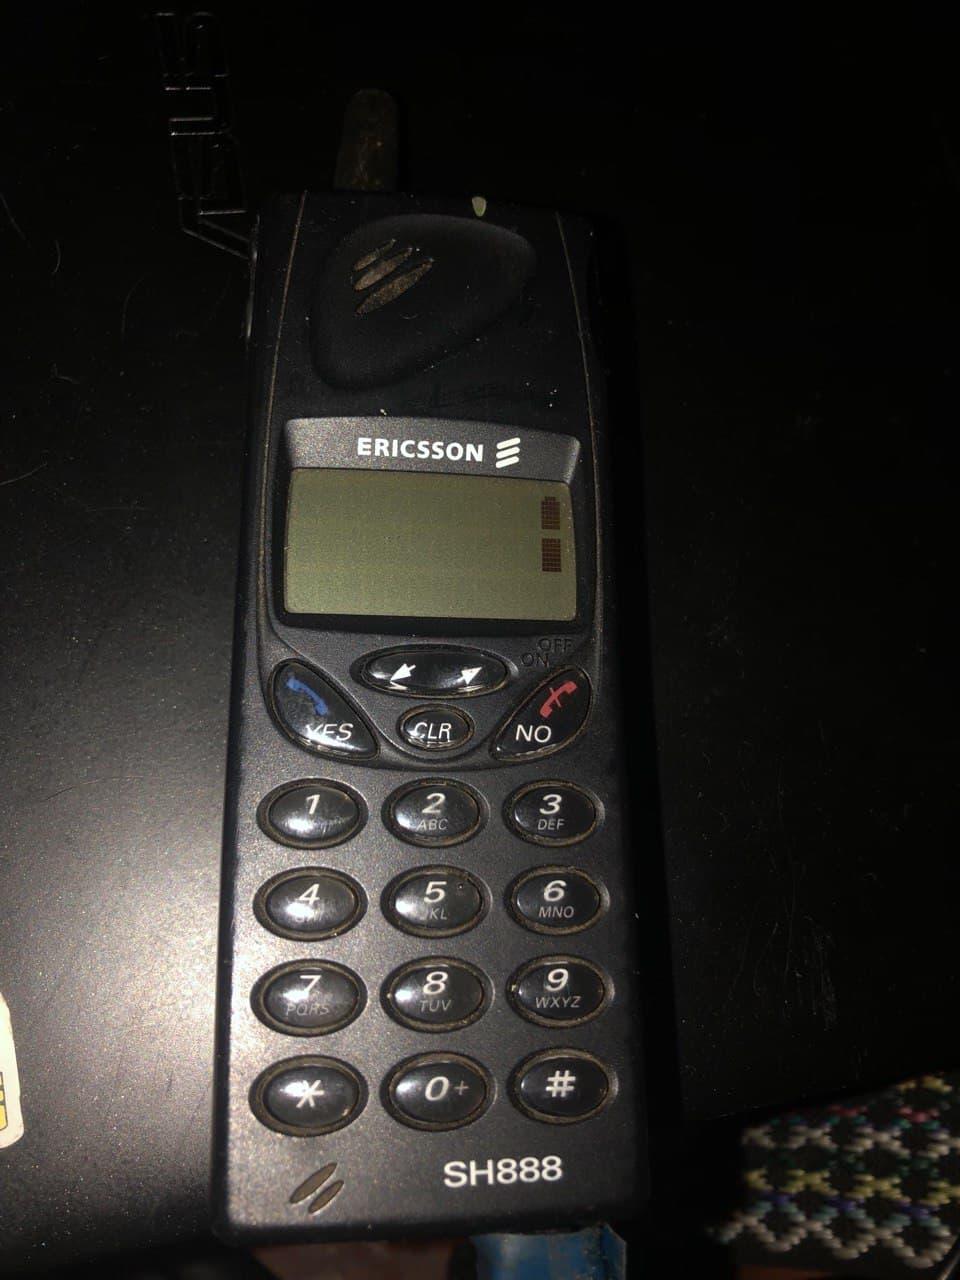 Привет из 1998 года: мобильный телефон Ericsson SH888 - 6